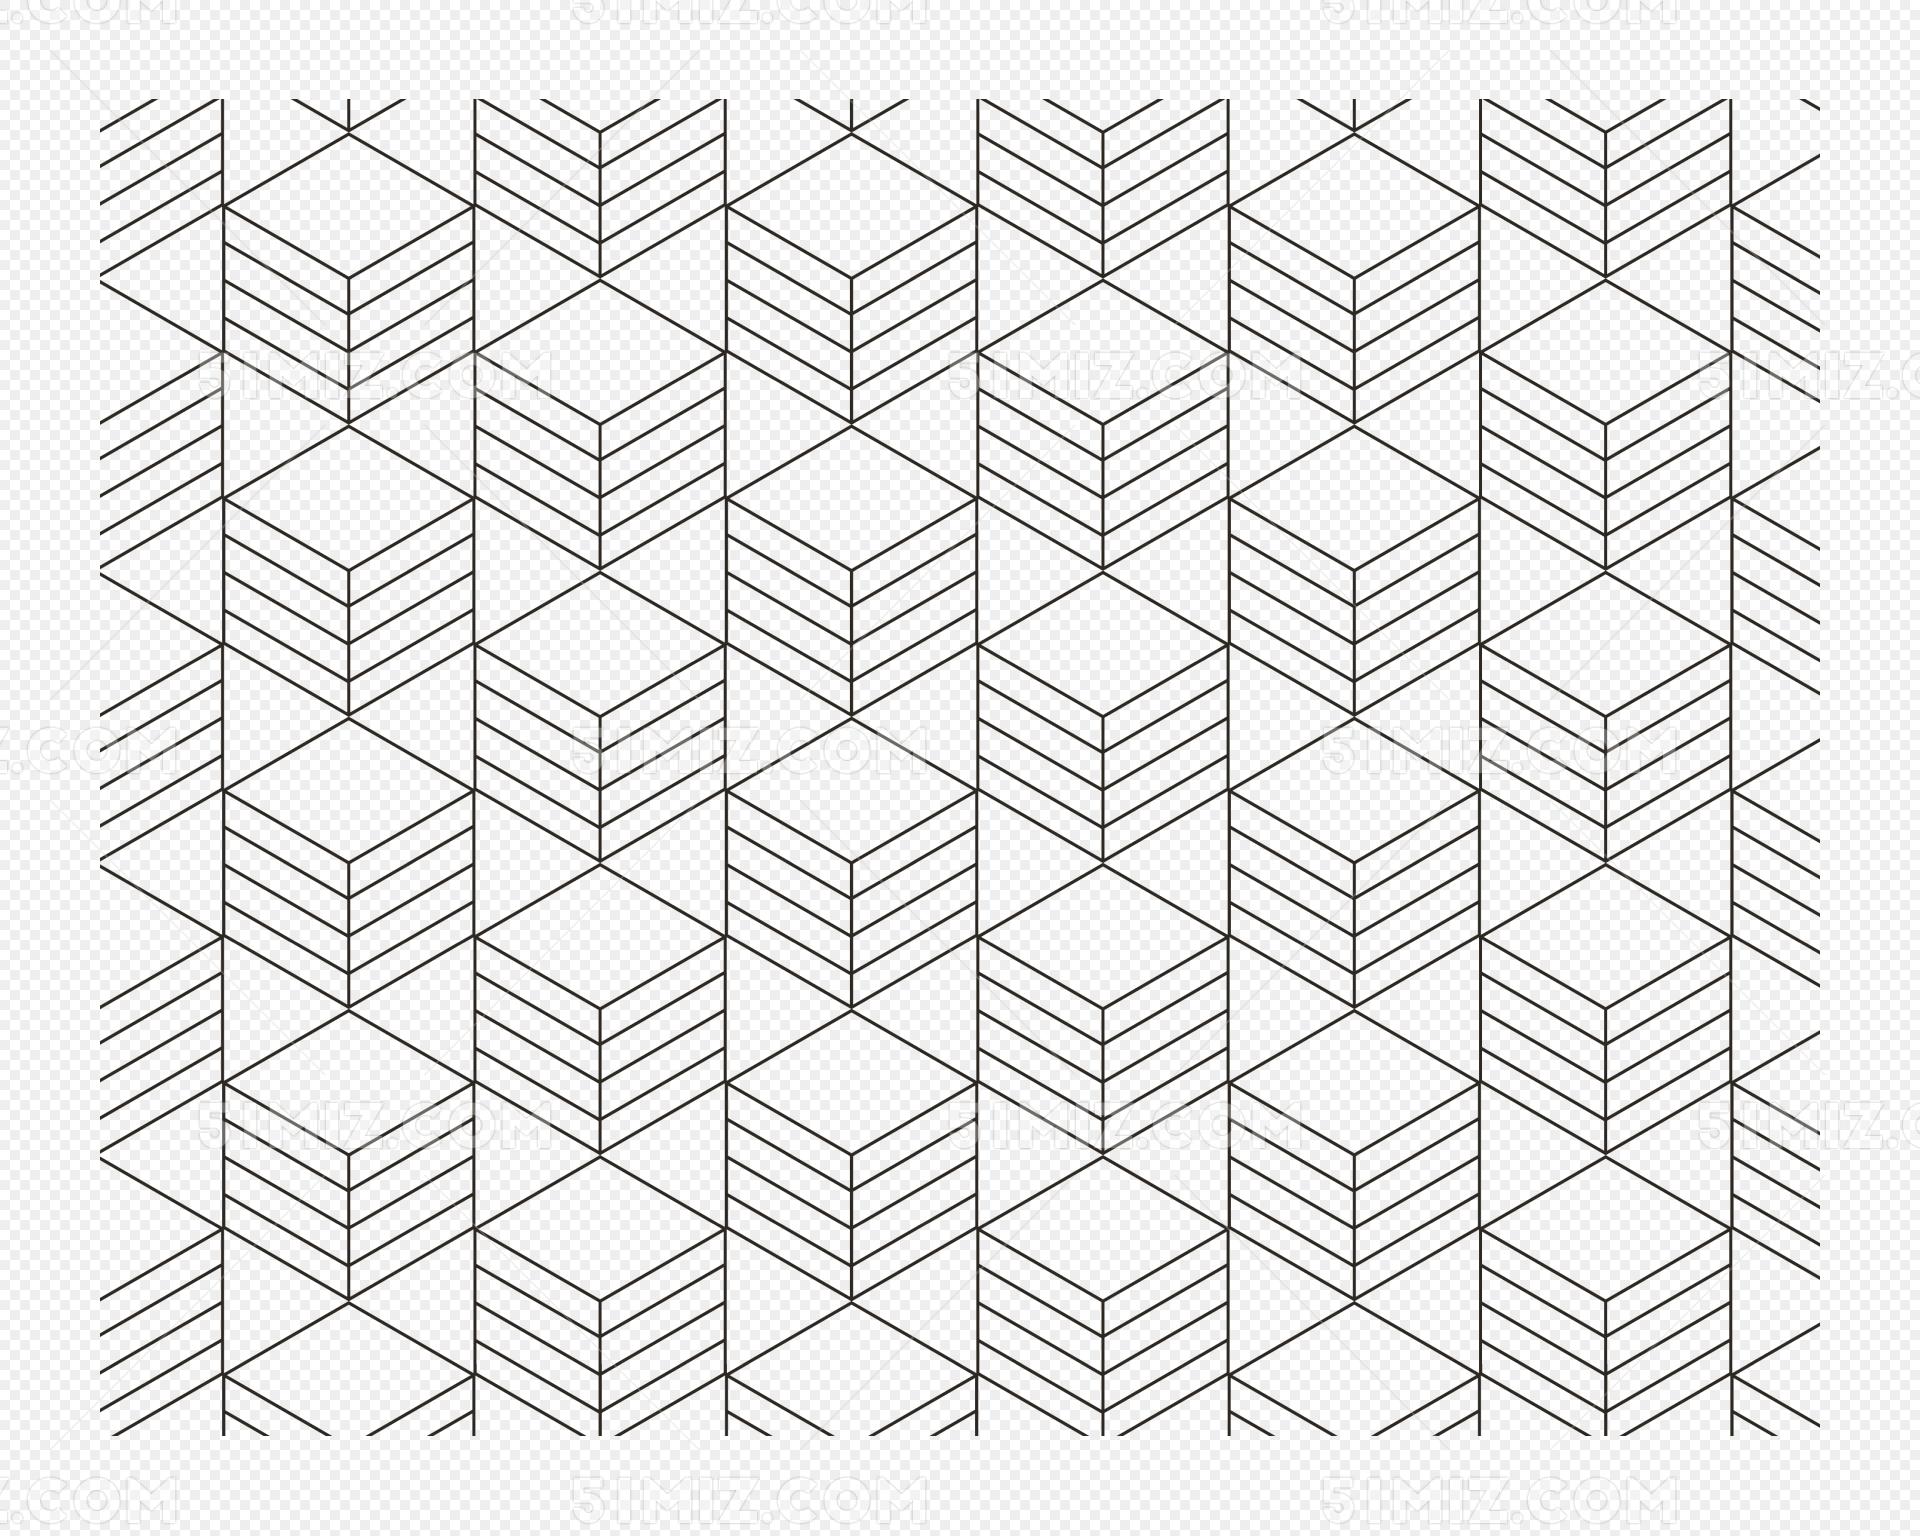 矢量线条无缝拼接底纹背景免费下载_png素材_觅知网